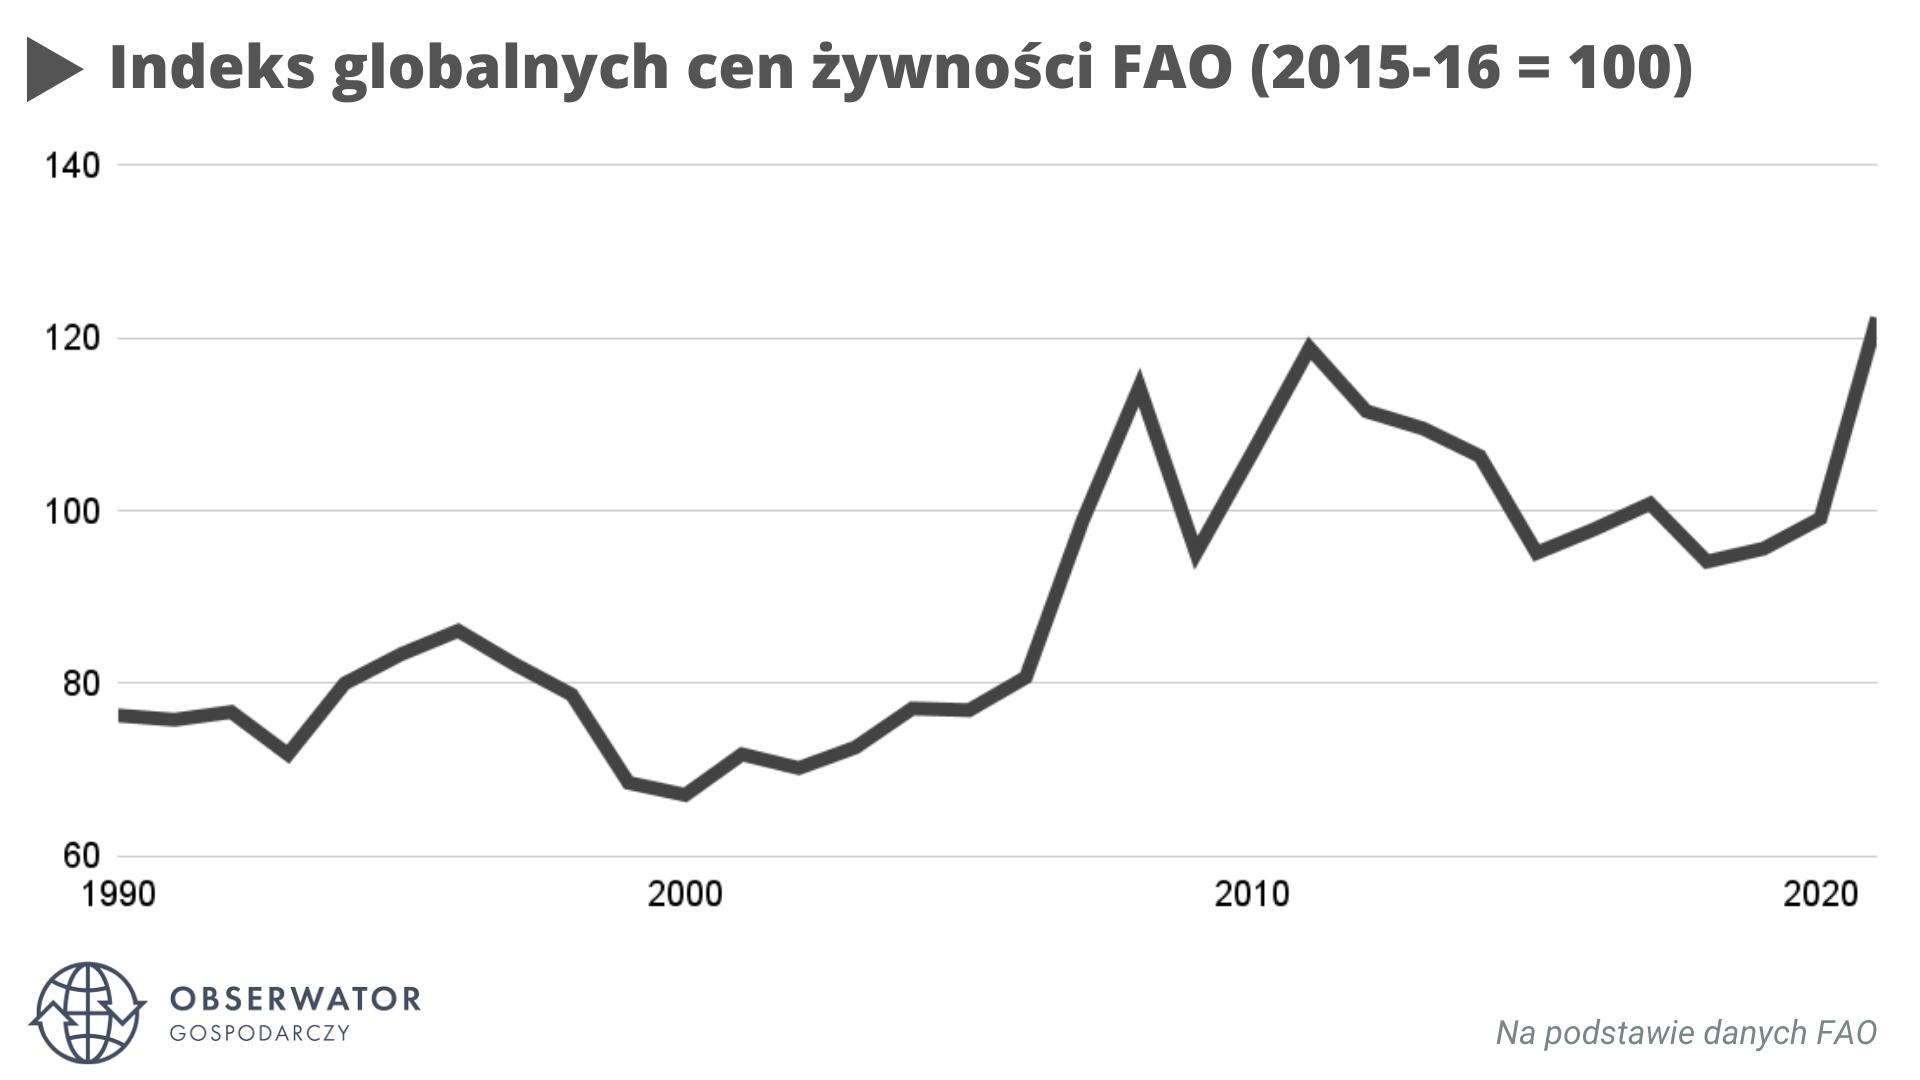 Indeks globalnych cen żywności FAO